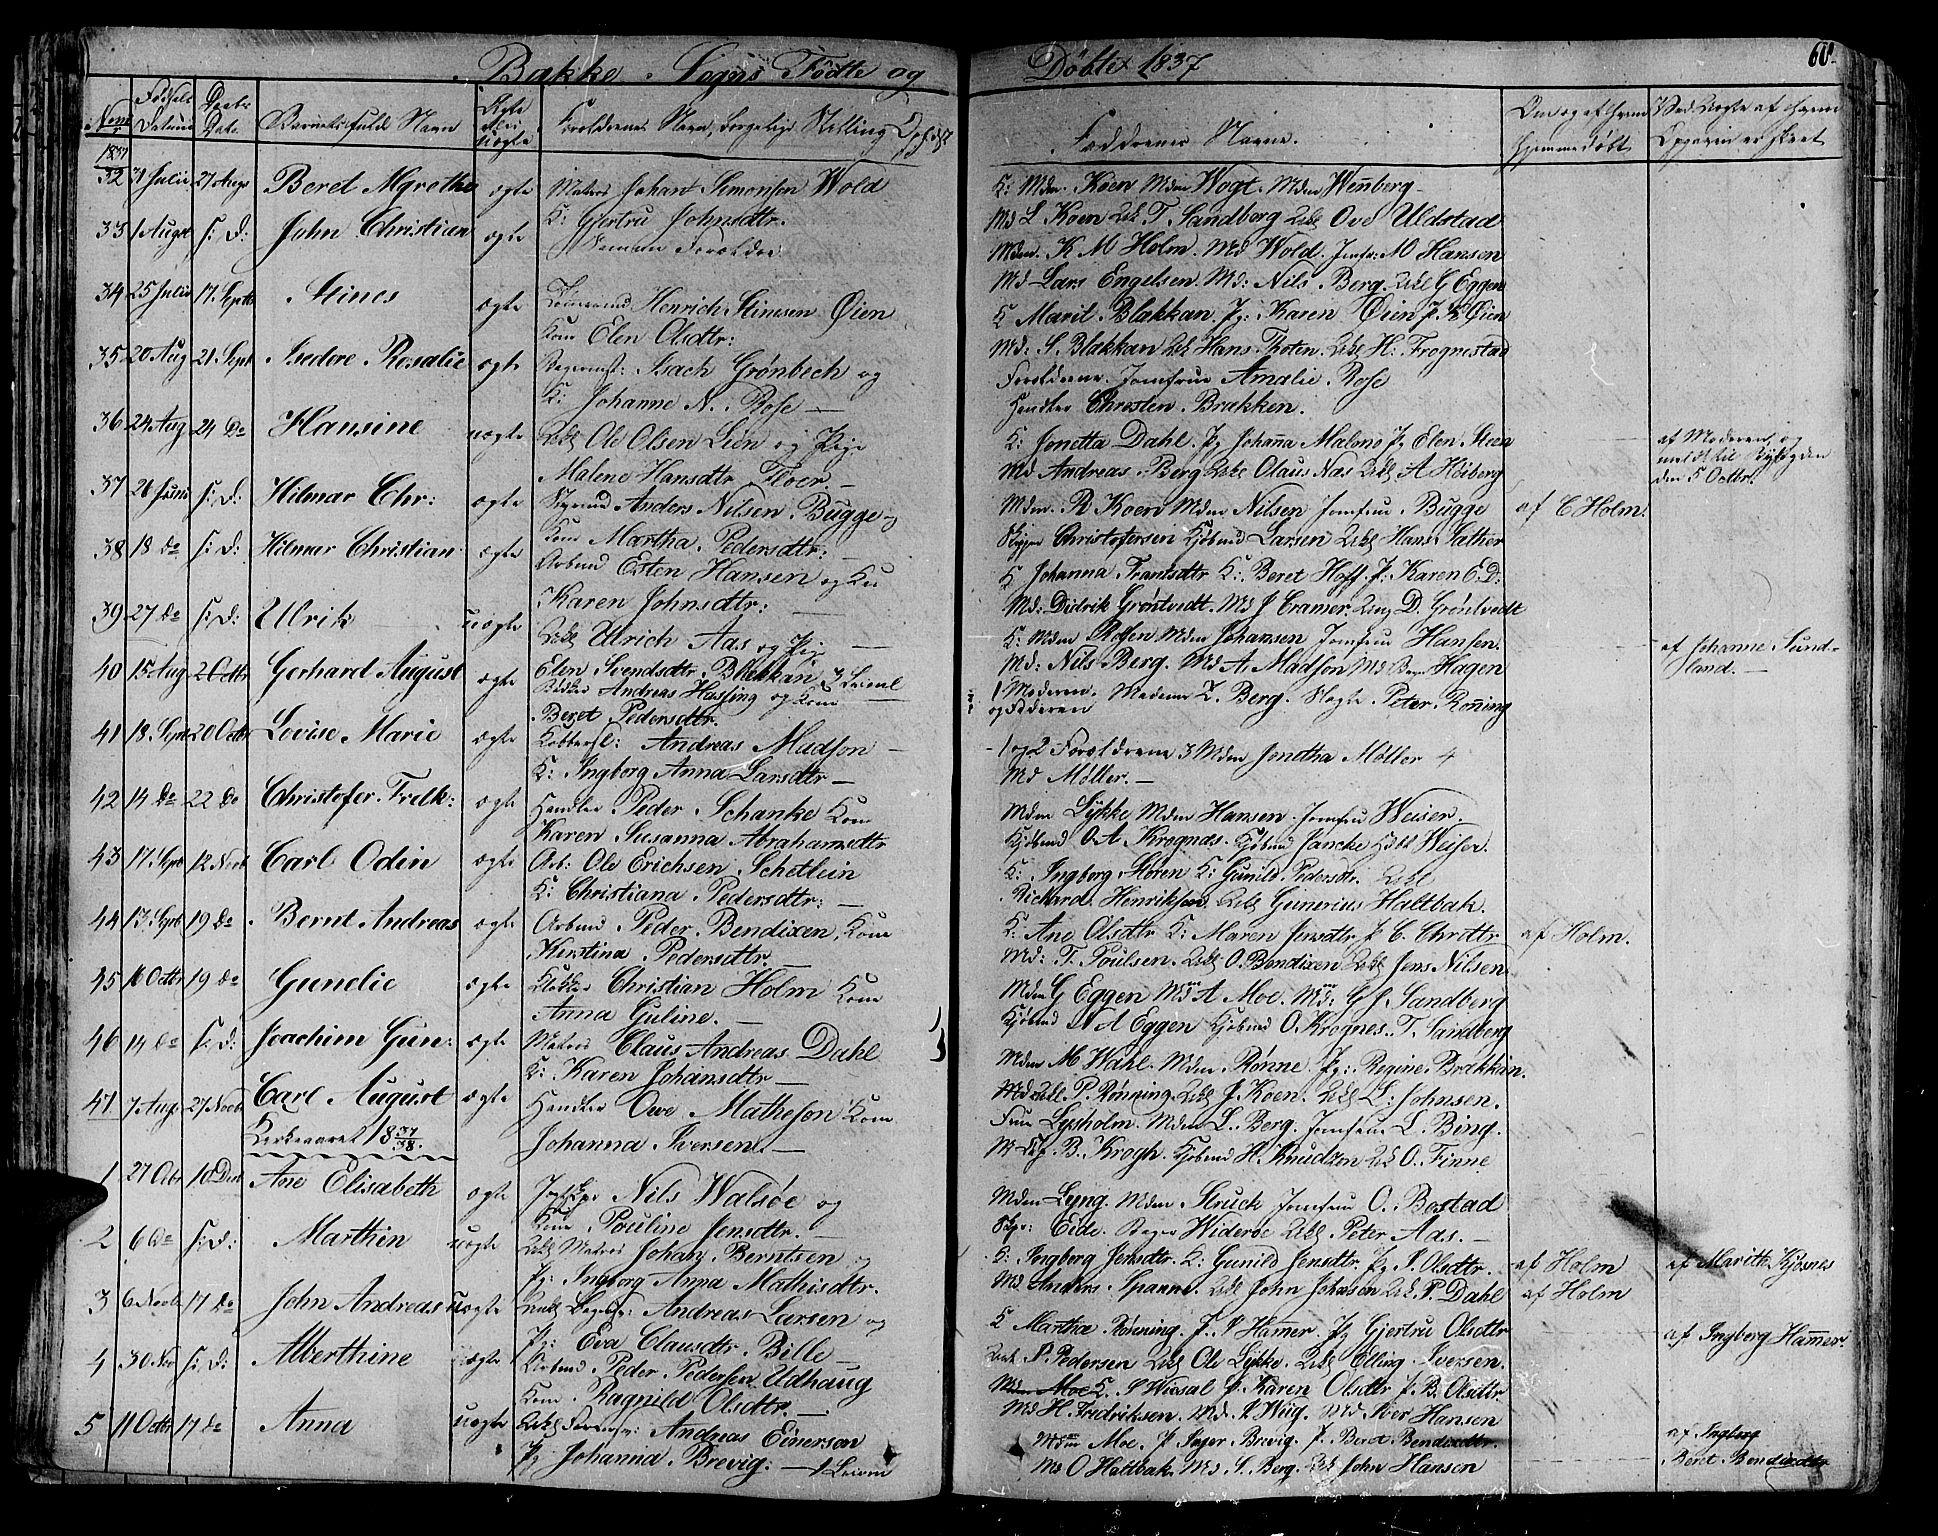 SAT, Ministerialprotokoller, klokkerbøker og fødselsregistre - Sør-Trøndelag, 606/L0287: Ministerialbok nr. 606A04 /2, 1826-1840, s. 60